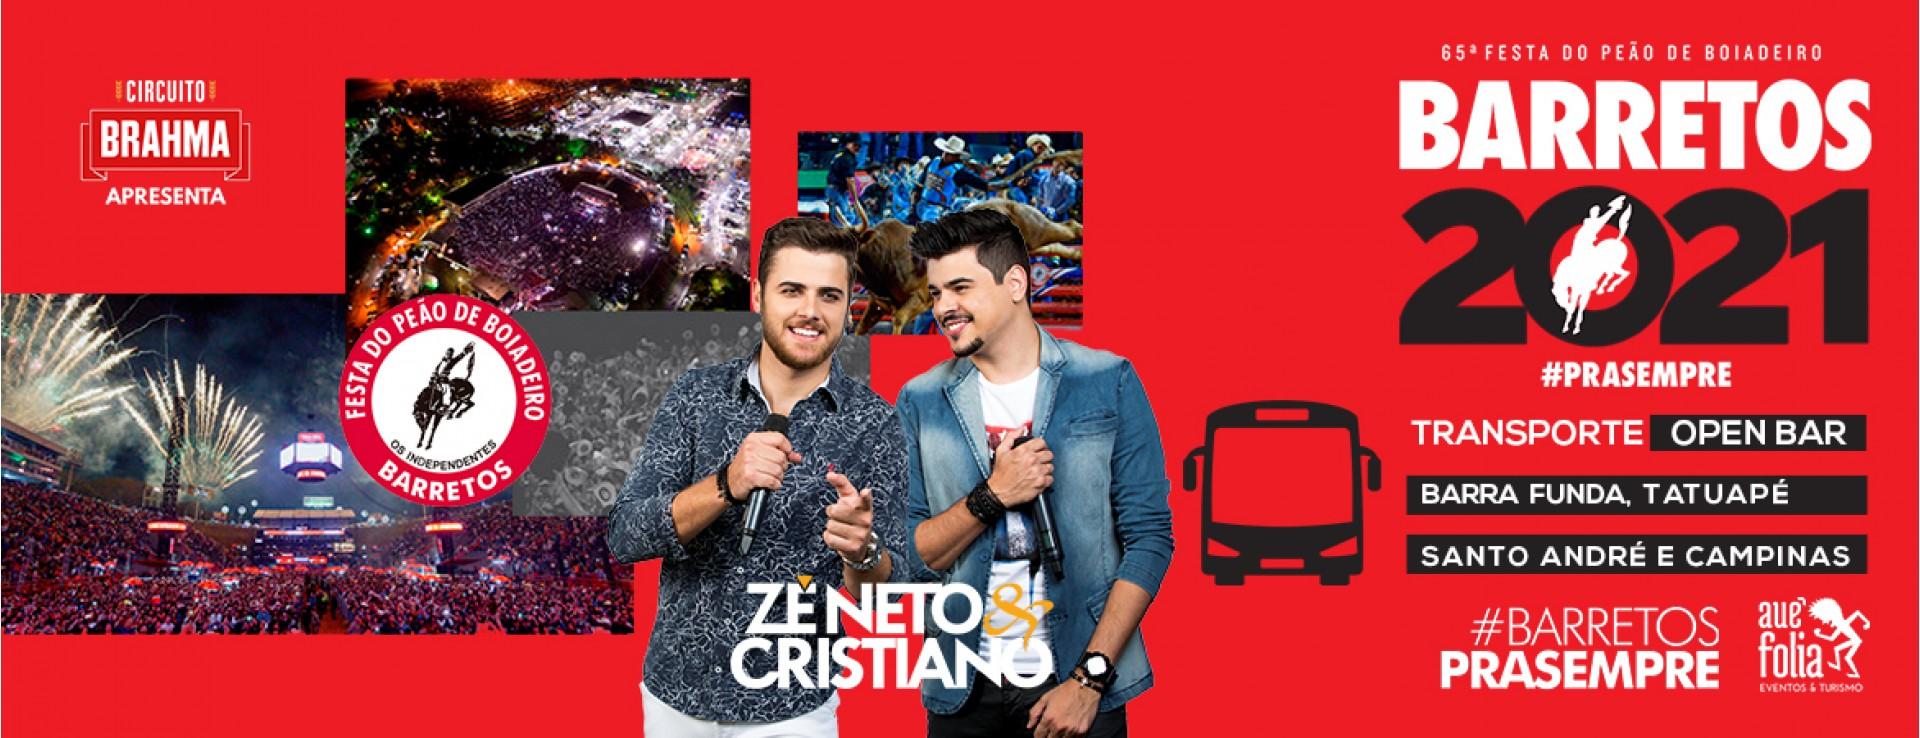 Barretos 2021 - Zé Neto e Cristiano